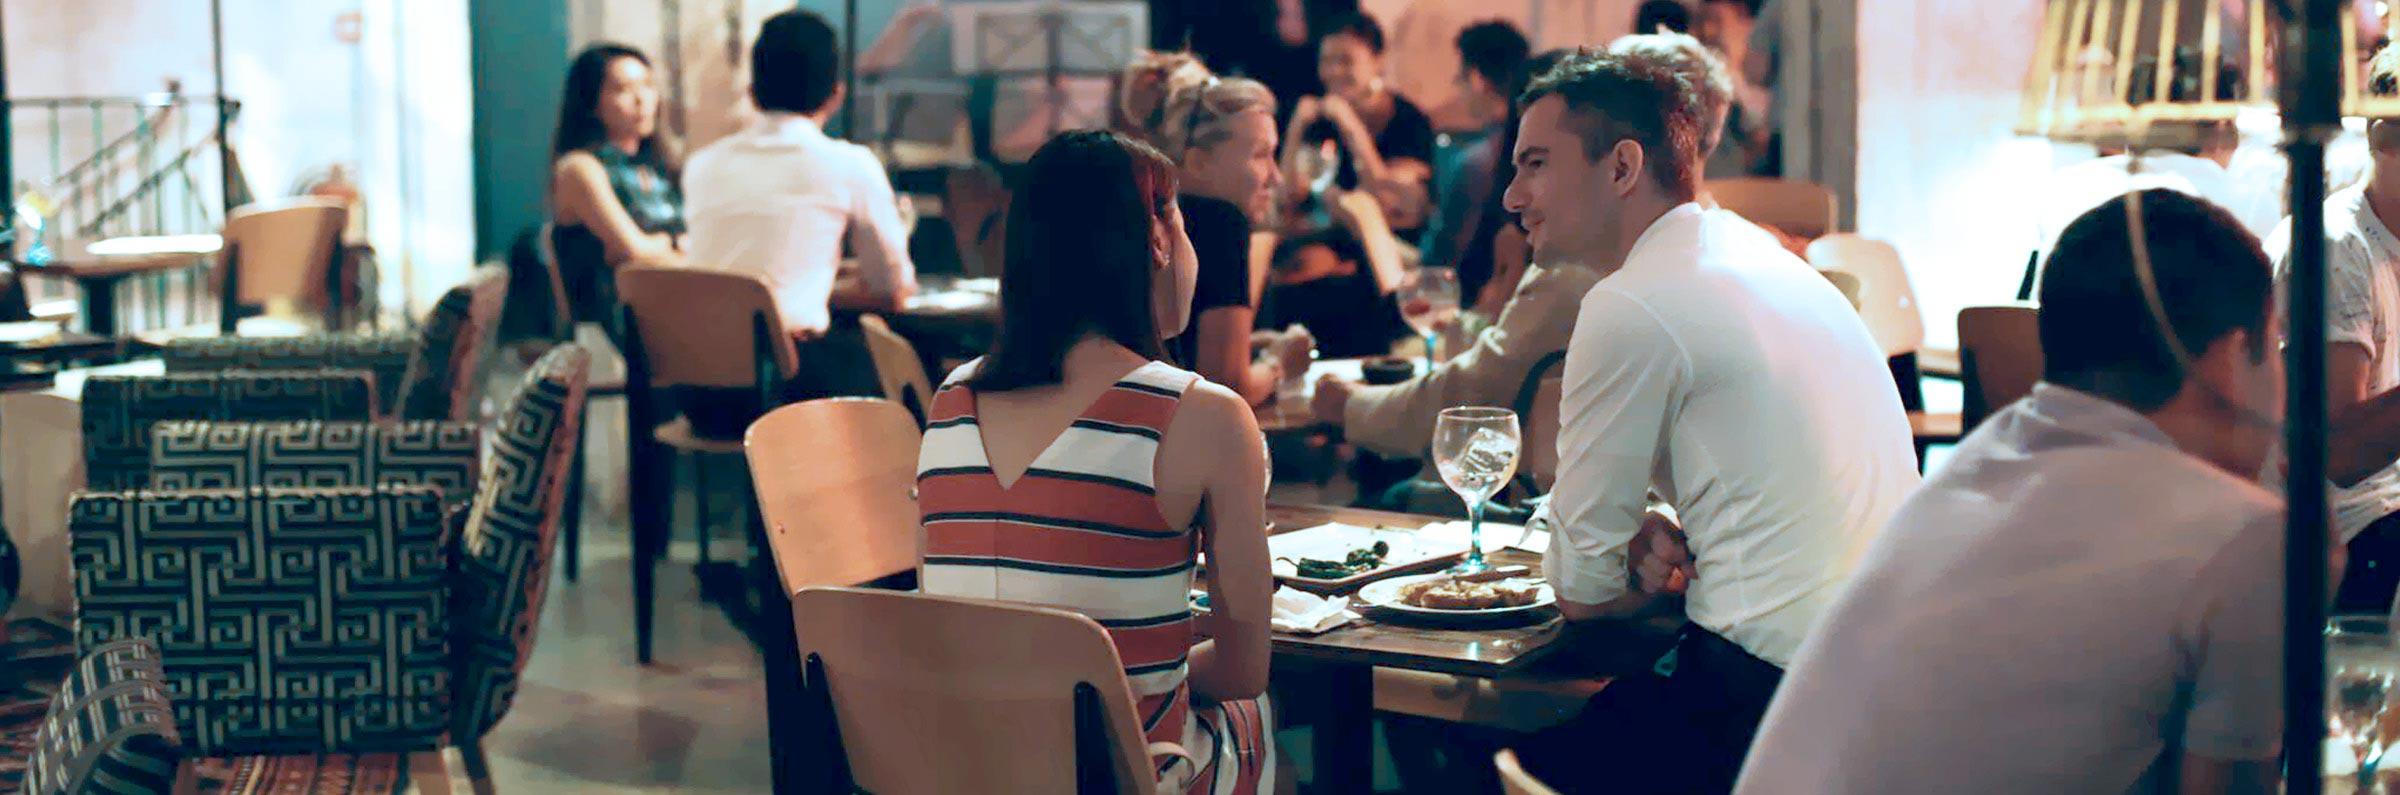 Comidas y bebidas in Hong Kong